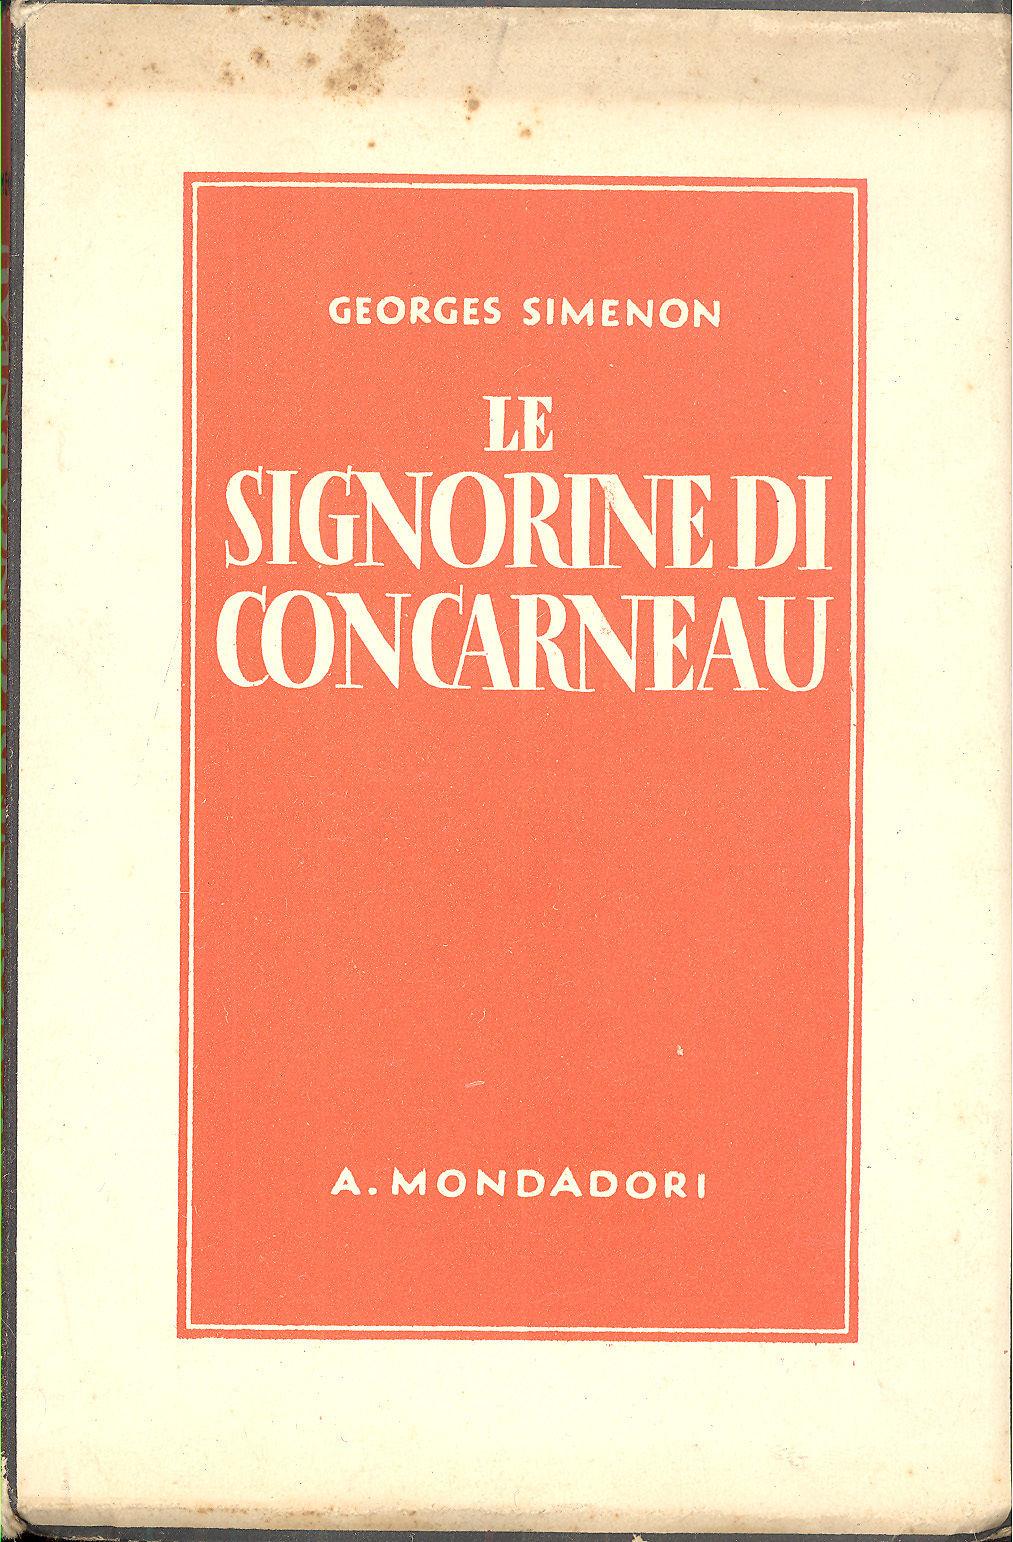 Le signorine di Concarneau (Les demoiselles de Concarneau) di Georges Simenon – Prima edizione italiana